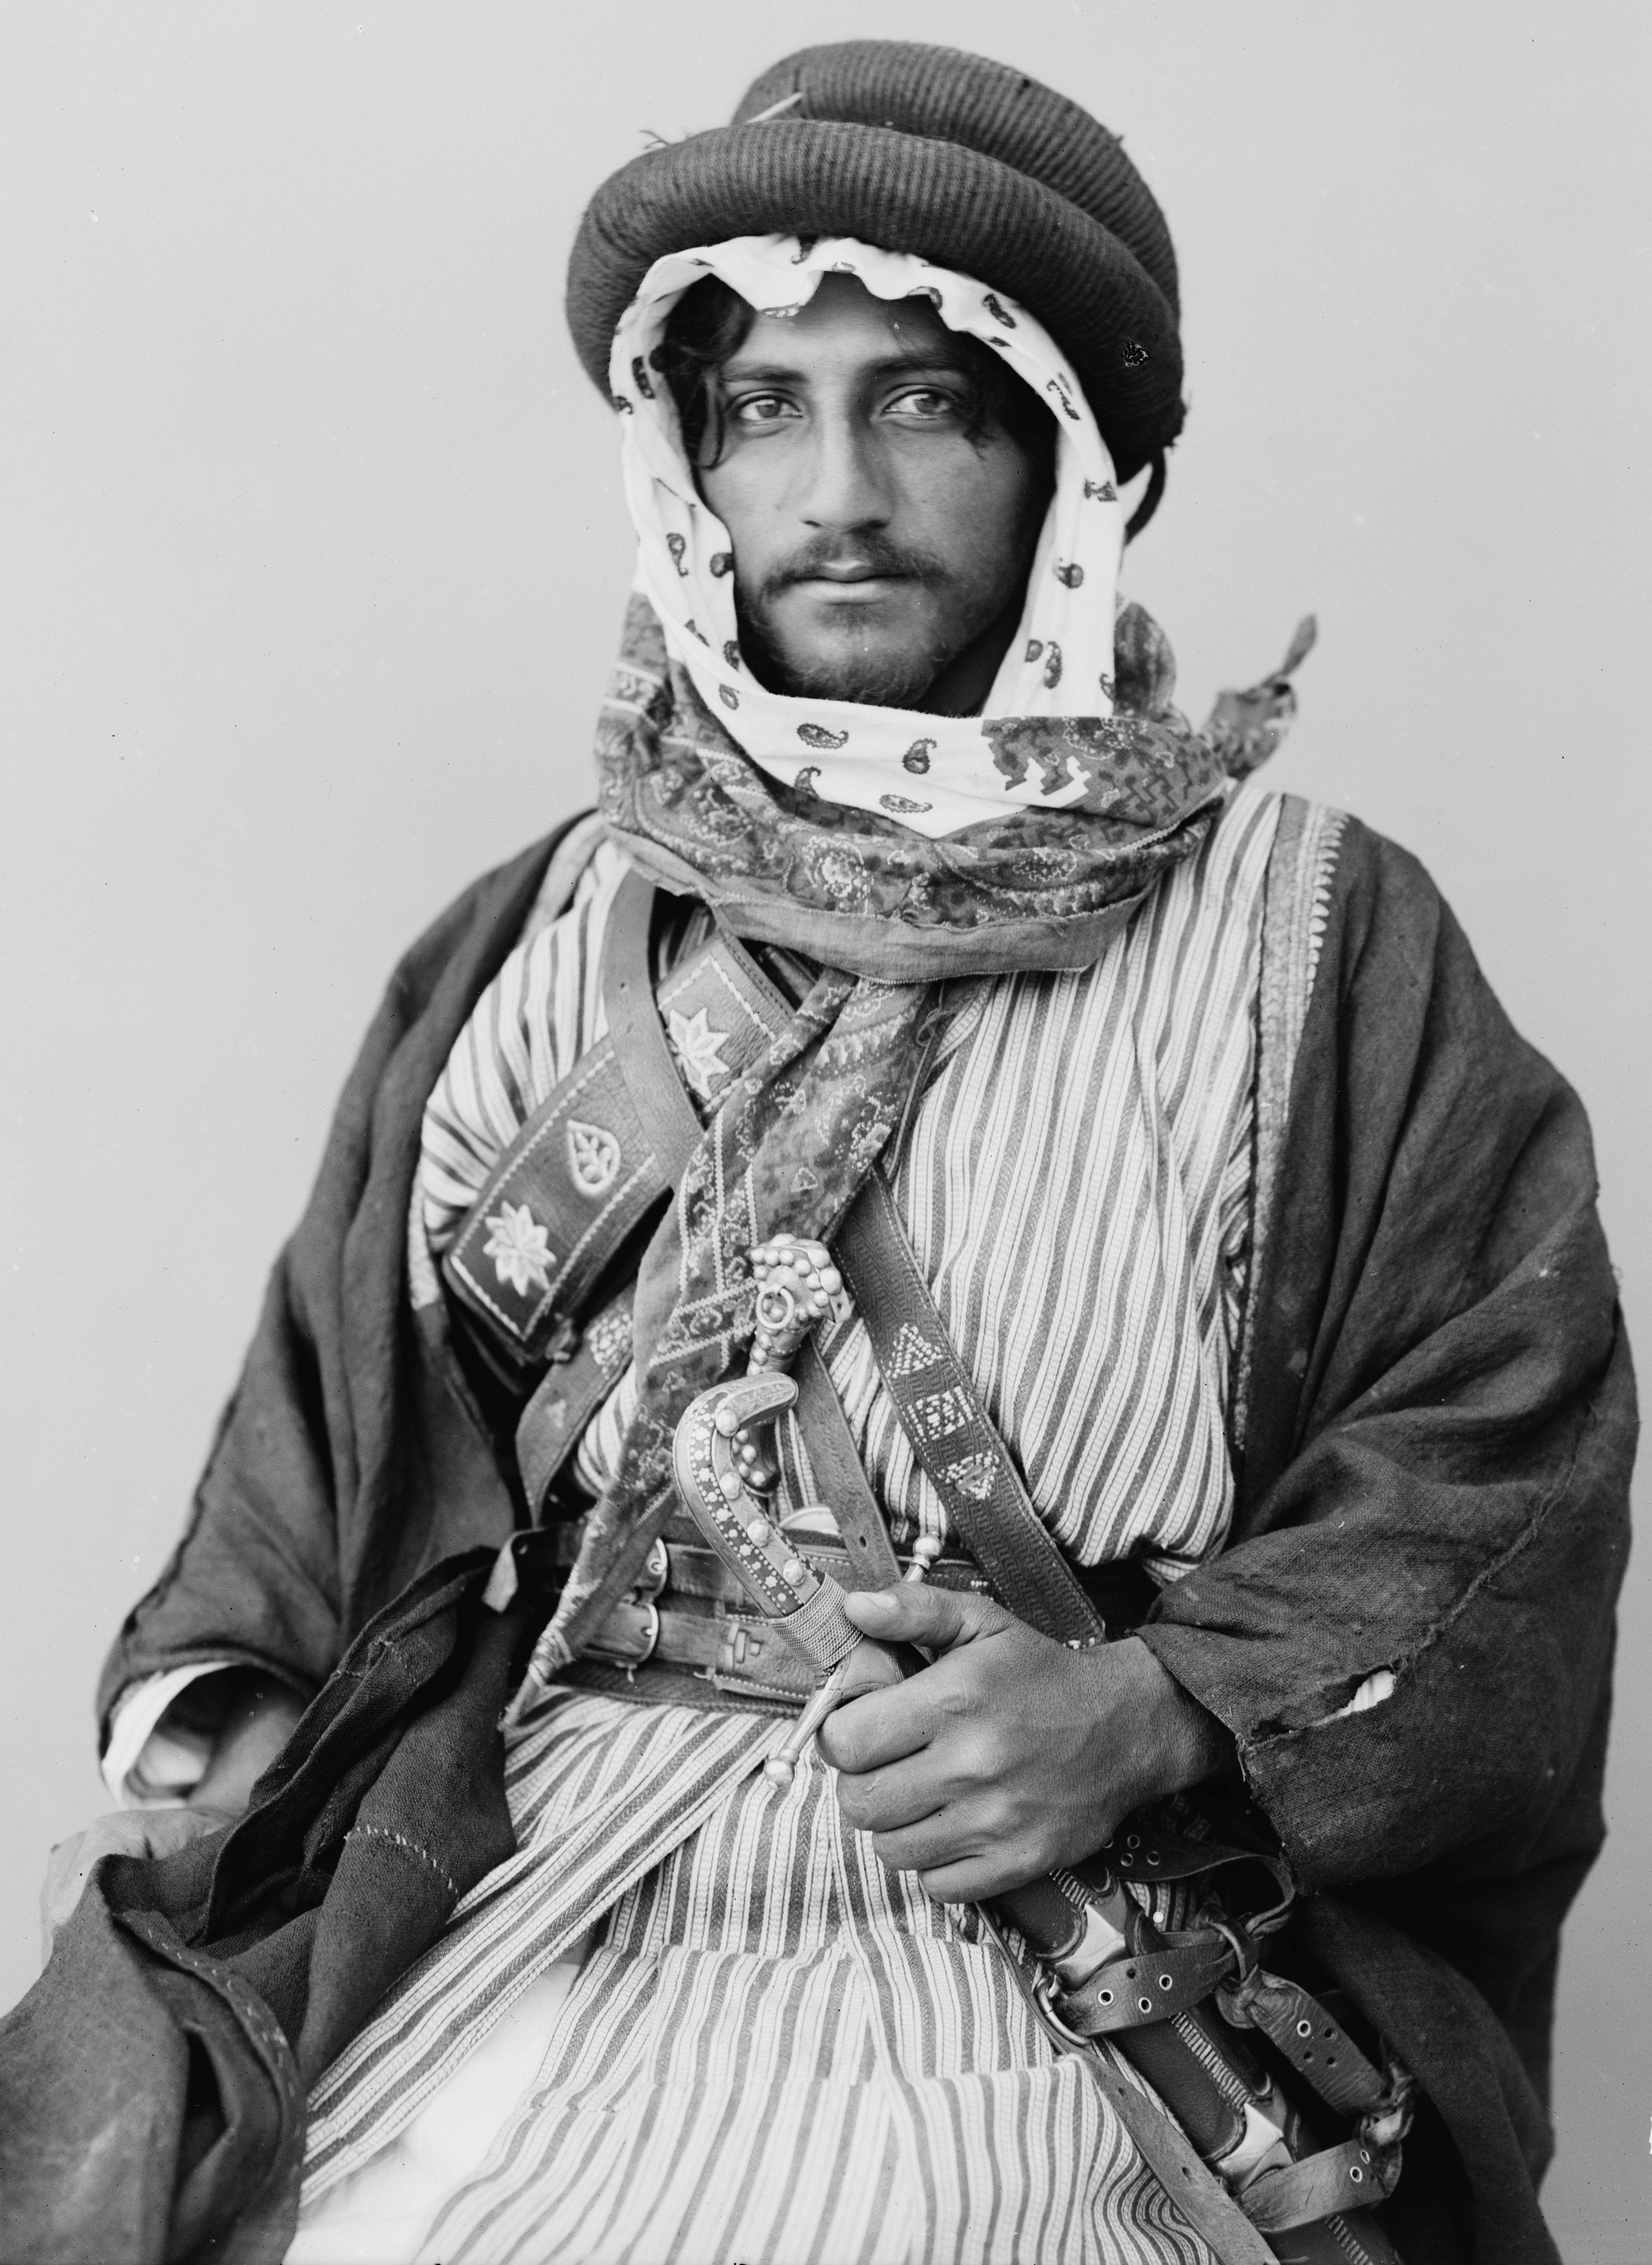 American Bedouin